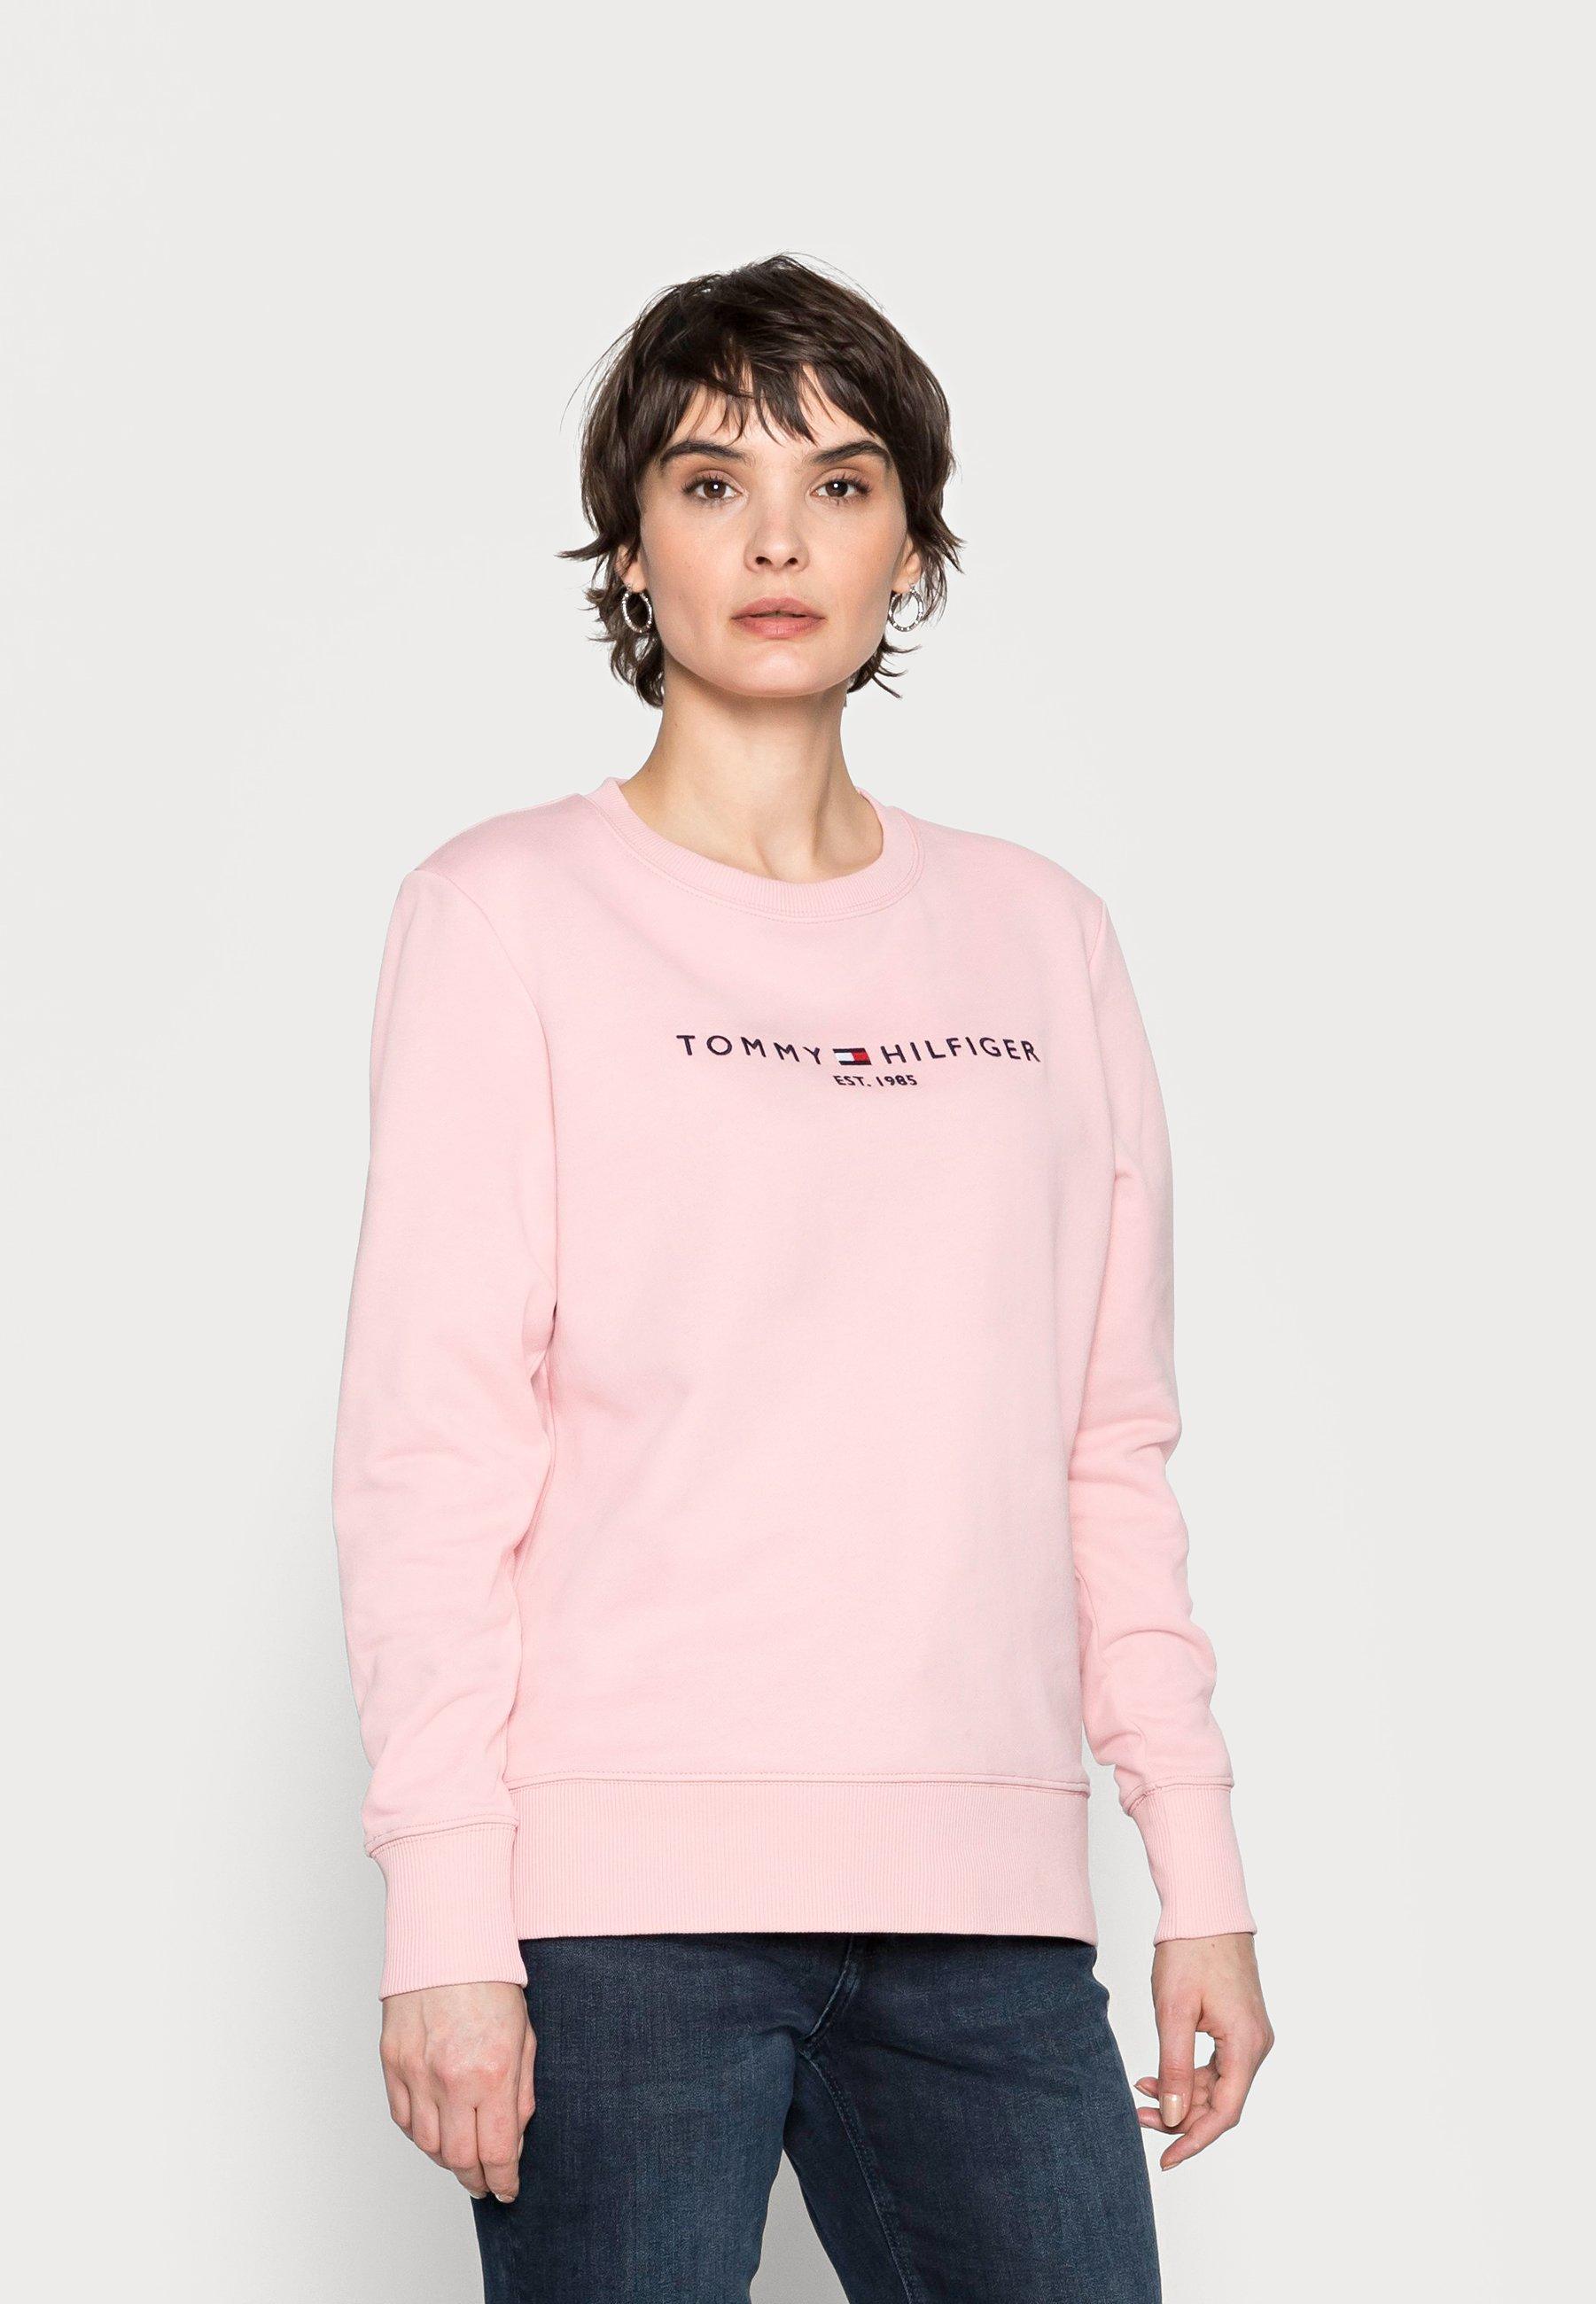 Femme HILFIGER - Sweatshirt